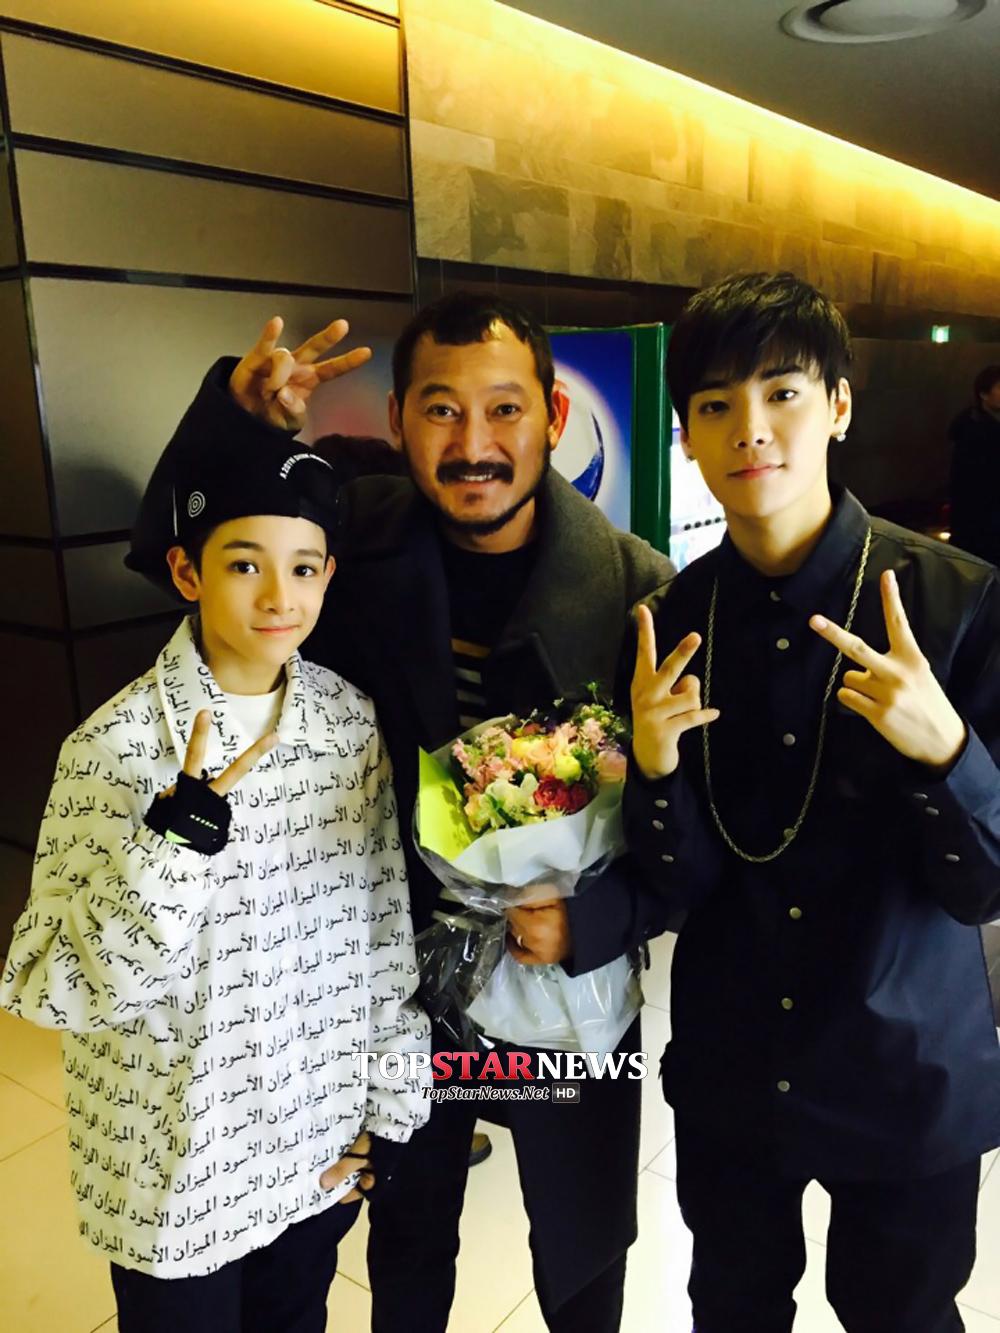 SMTM 4中「花美男Rapper三人組」之一的ONE,以超齡的Rap實力獲得評審讚賞!